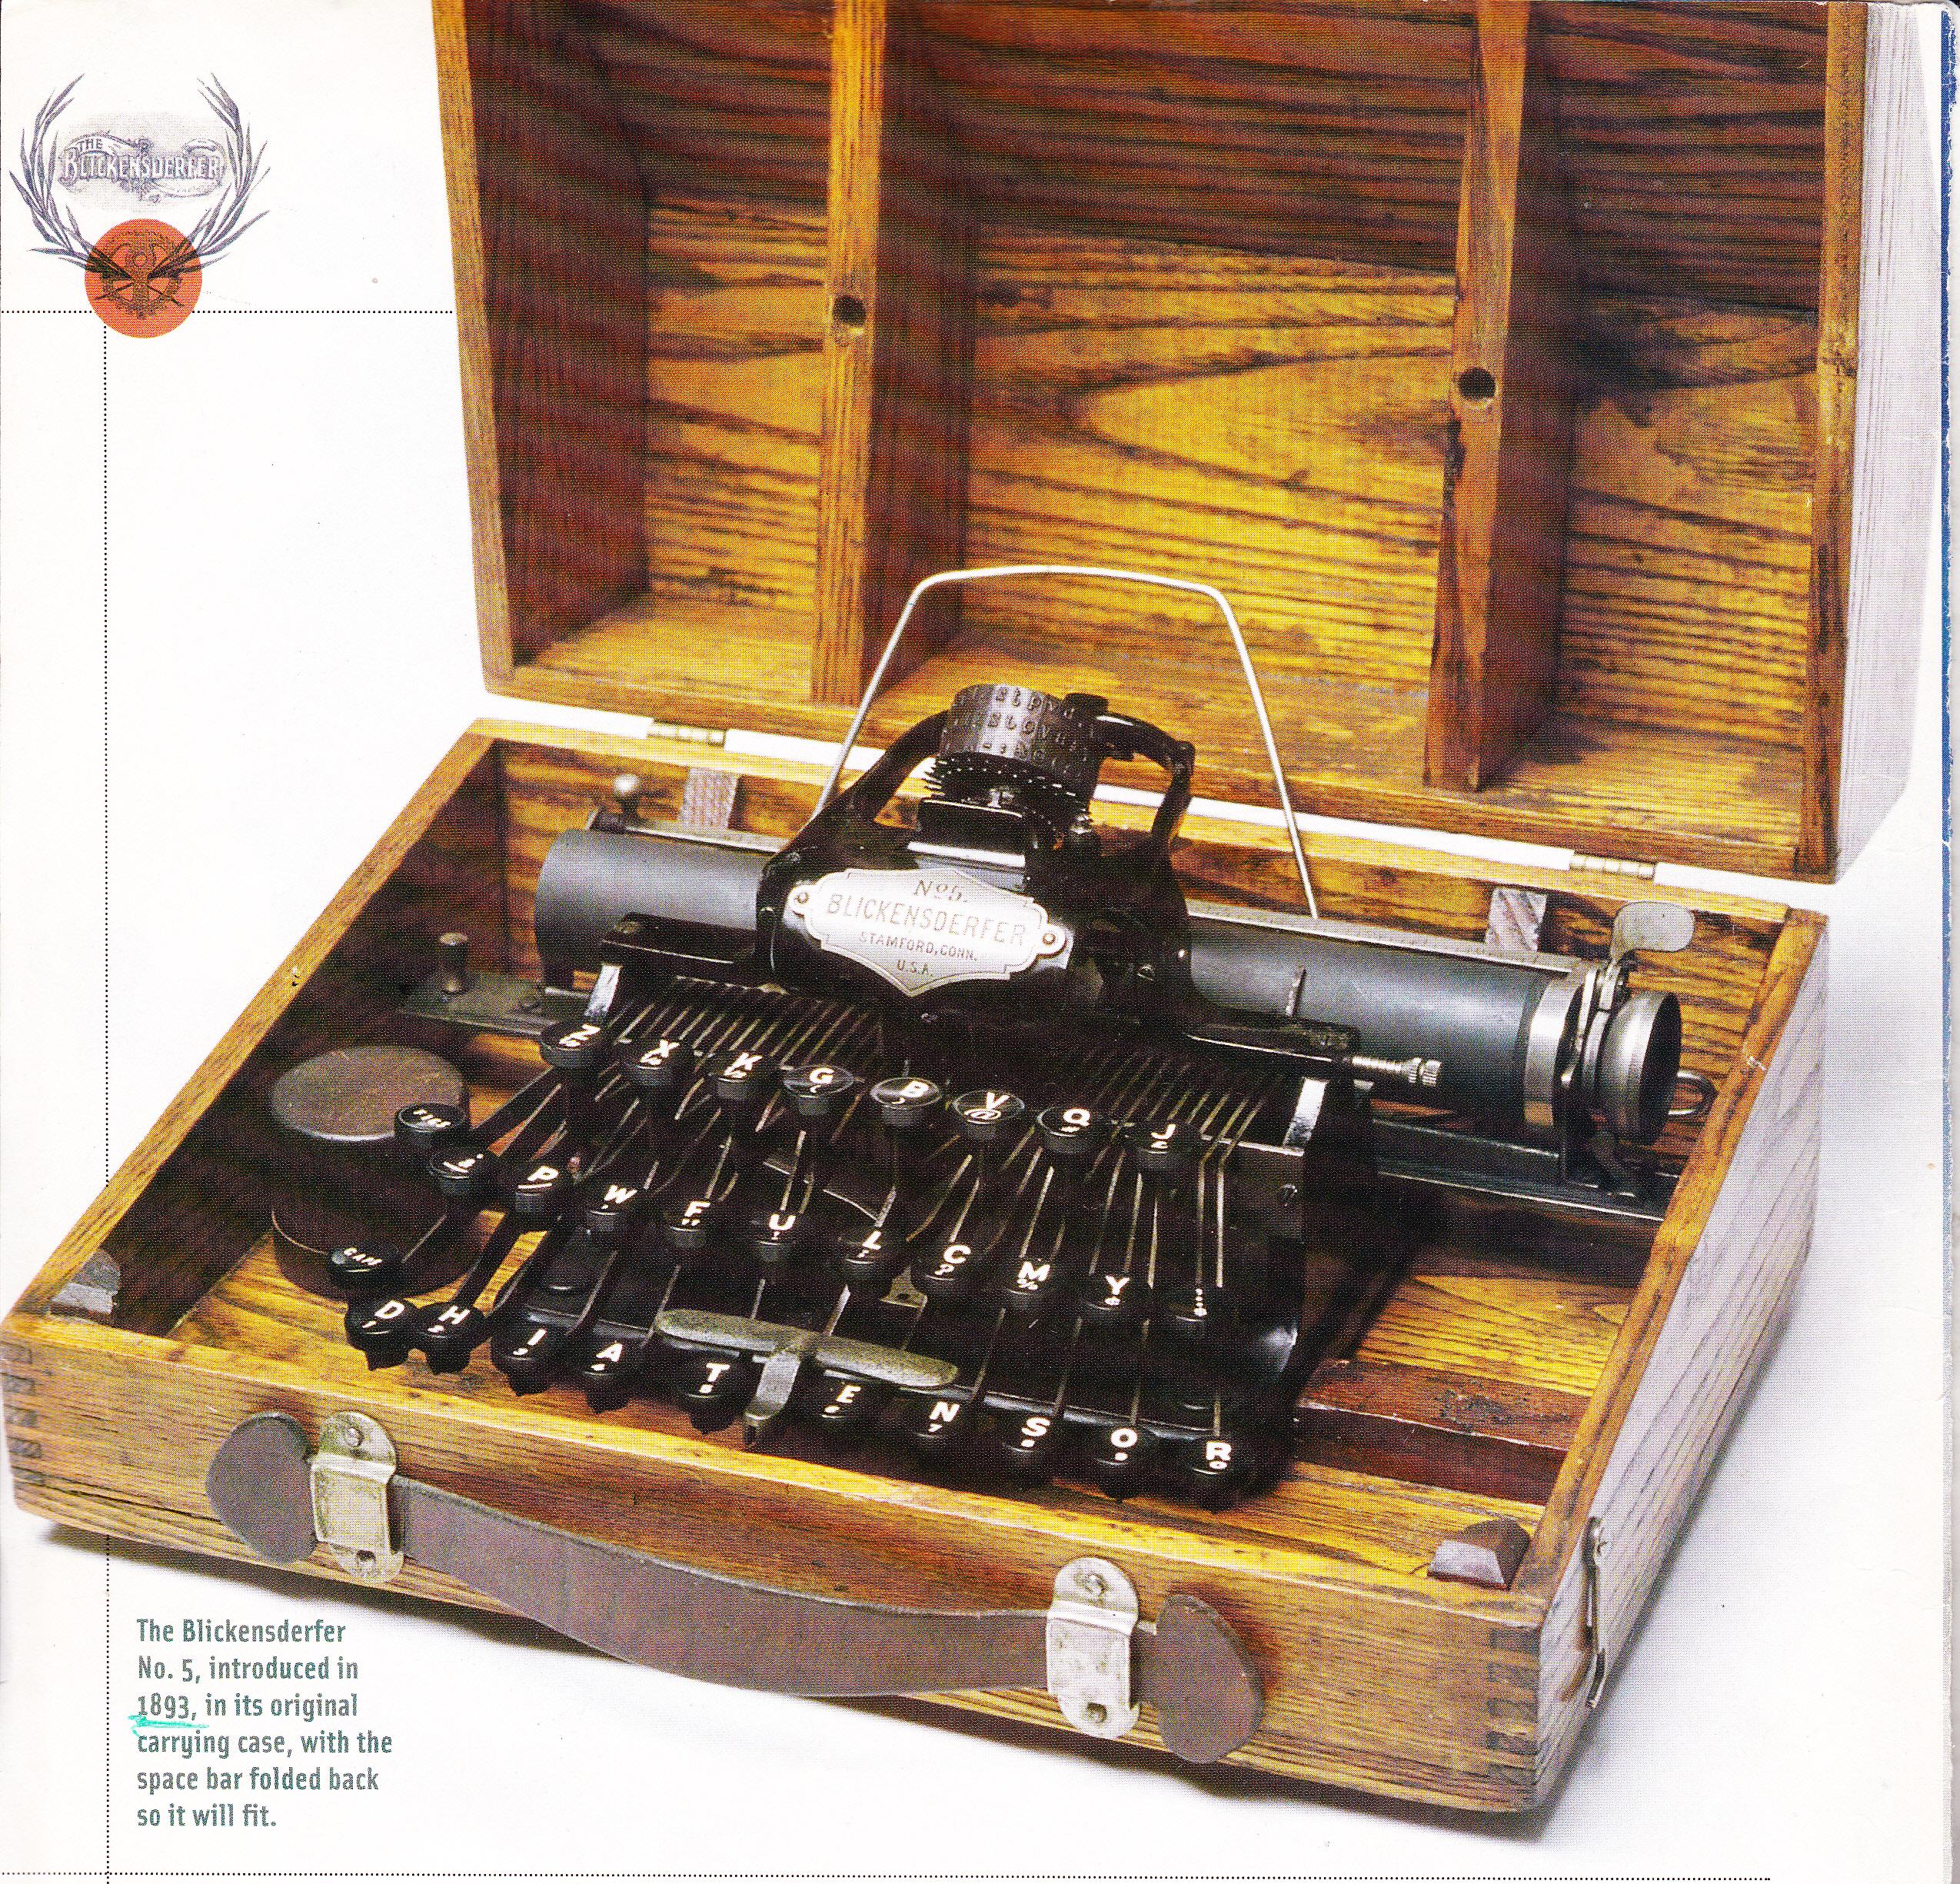 Maquinas de escribir antiguas contra espionaje carlos for Como echar gotele sin maquina